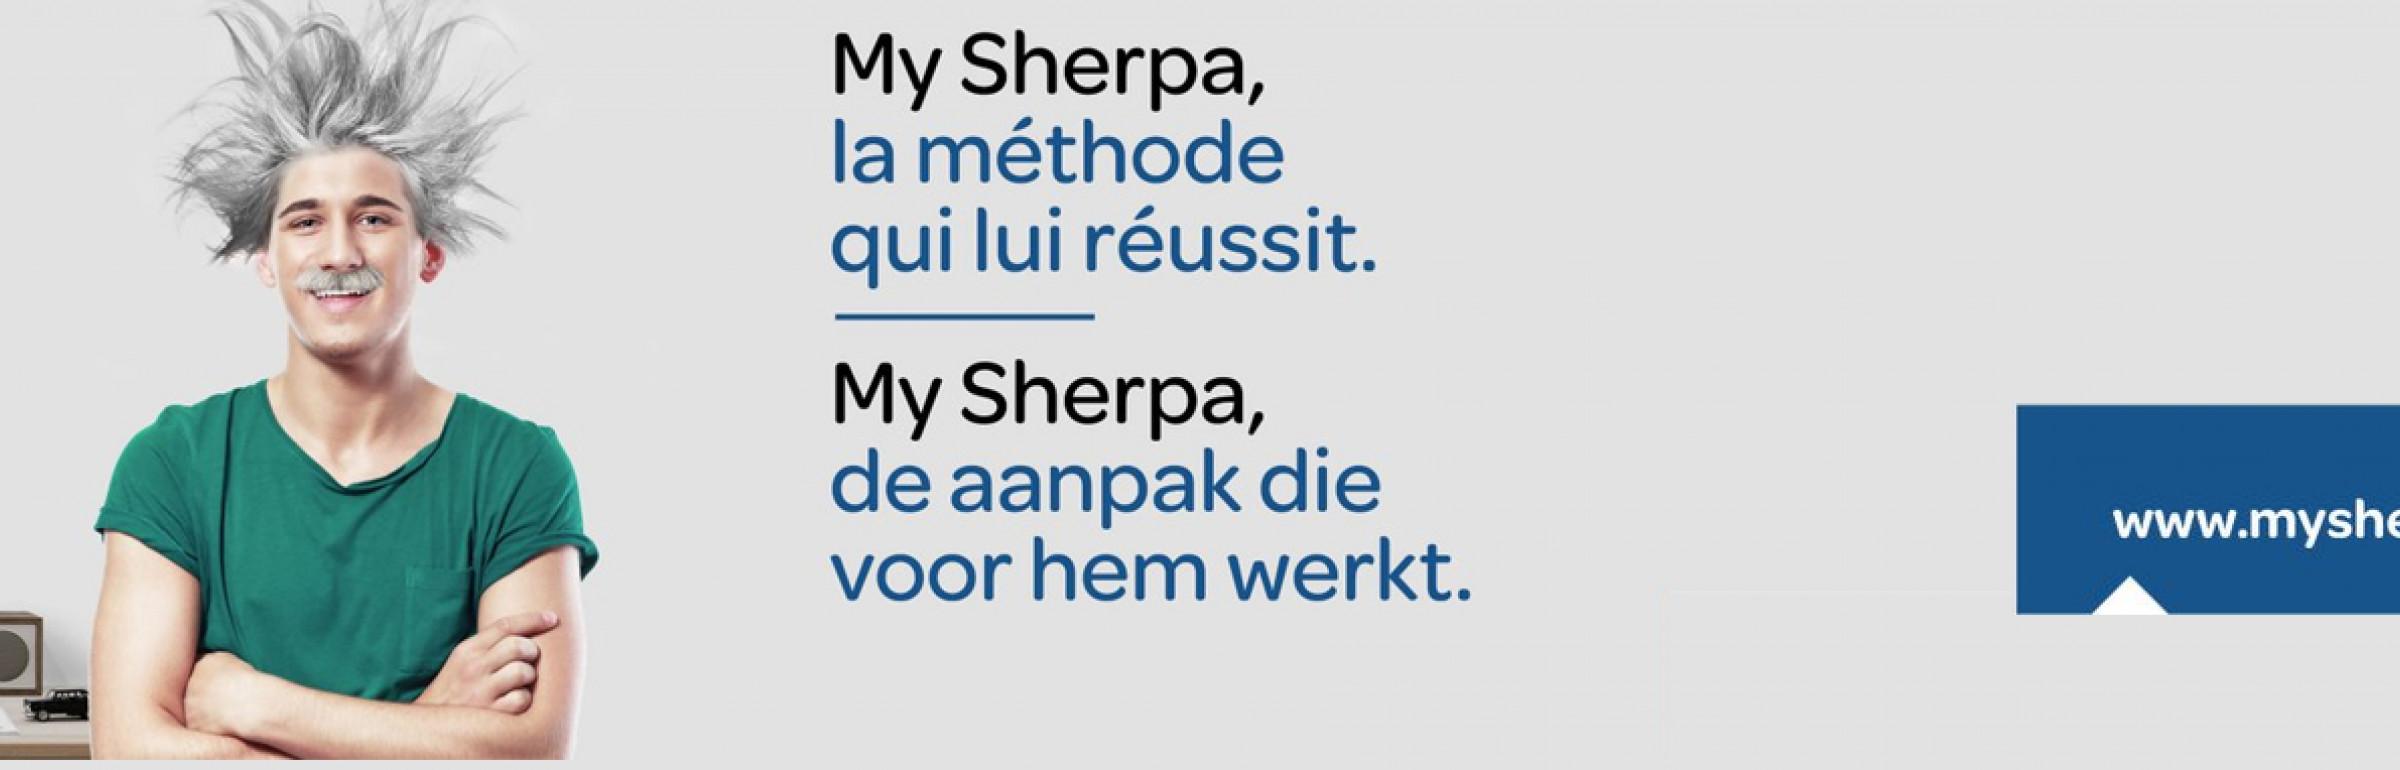 Banner My Sherpa